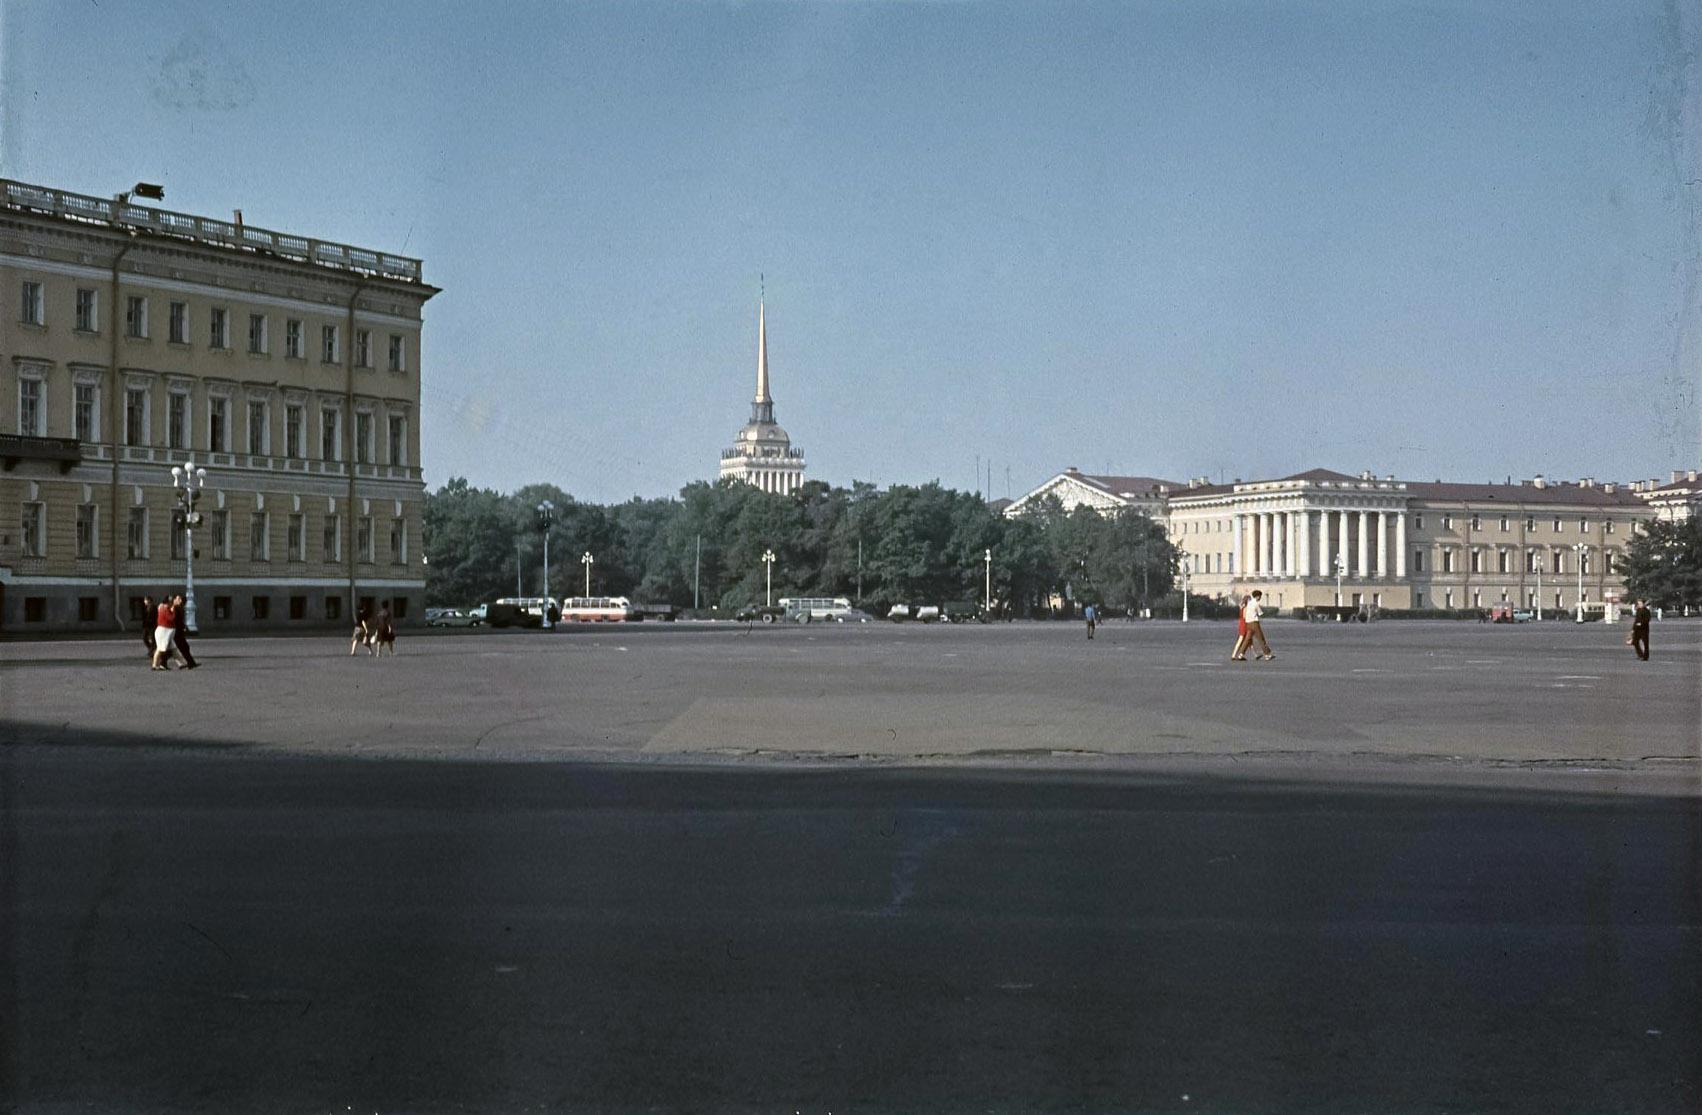 Ленинград. Дворцовая площадь